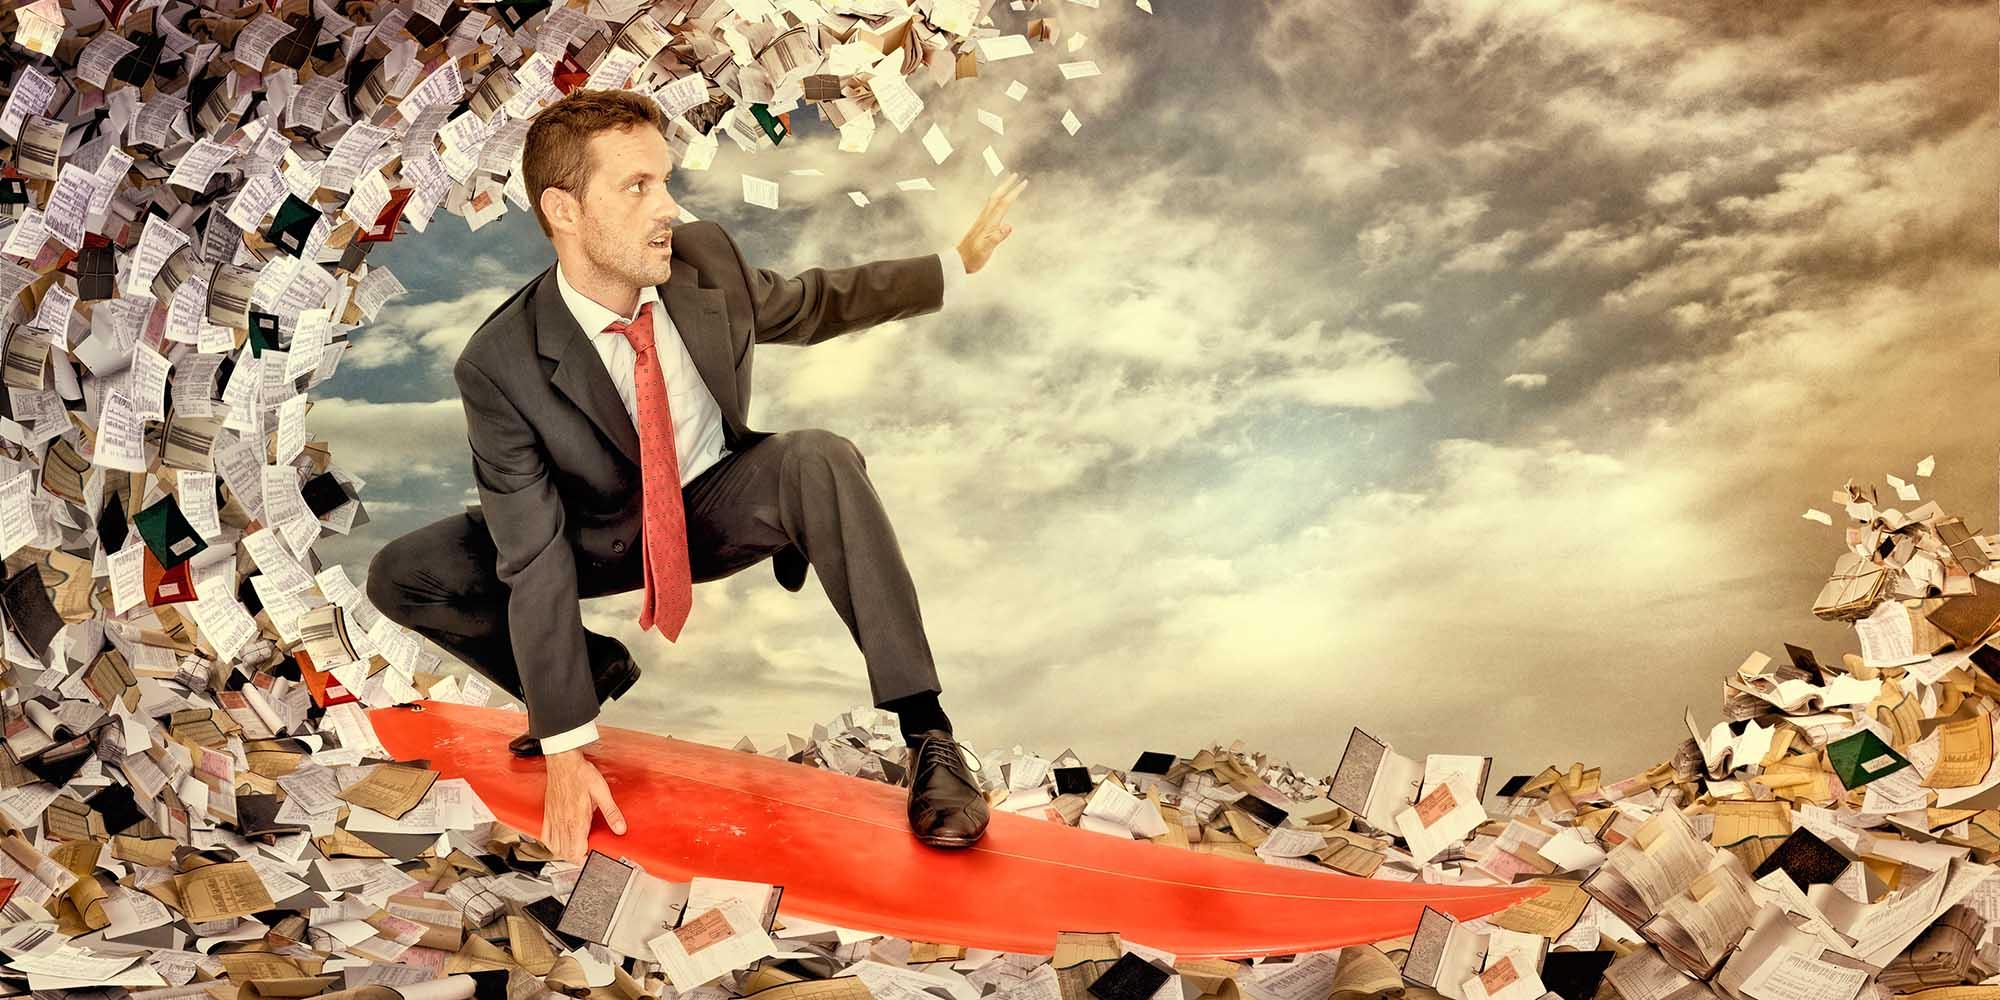 Як підприємцю вести облік товарних залишків